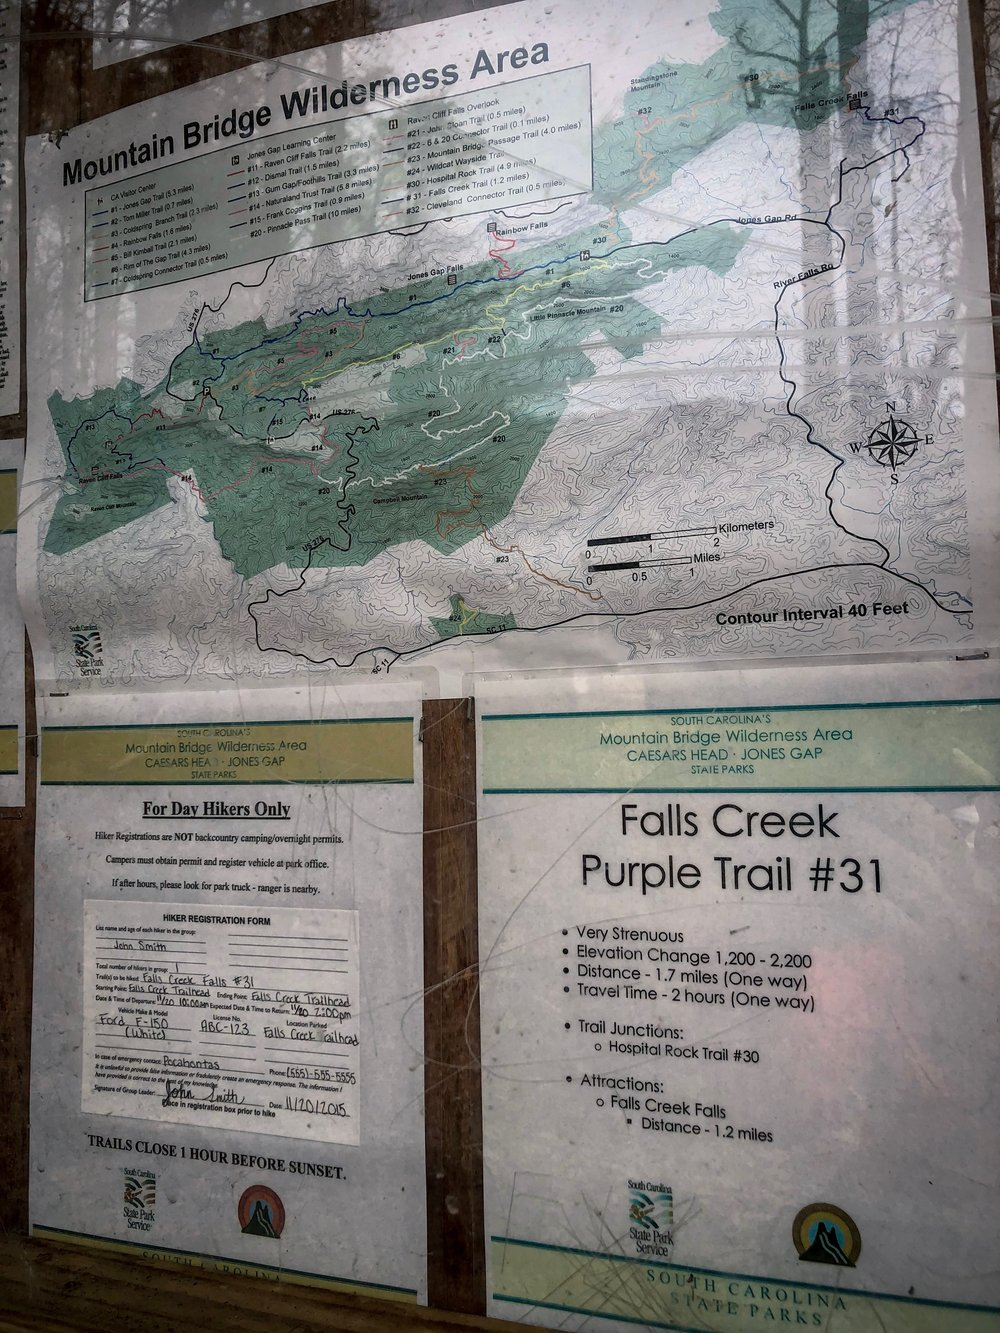 Falls Creek Trail Map